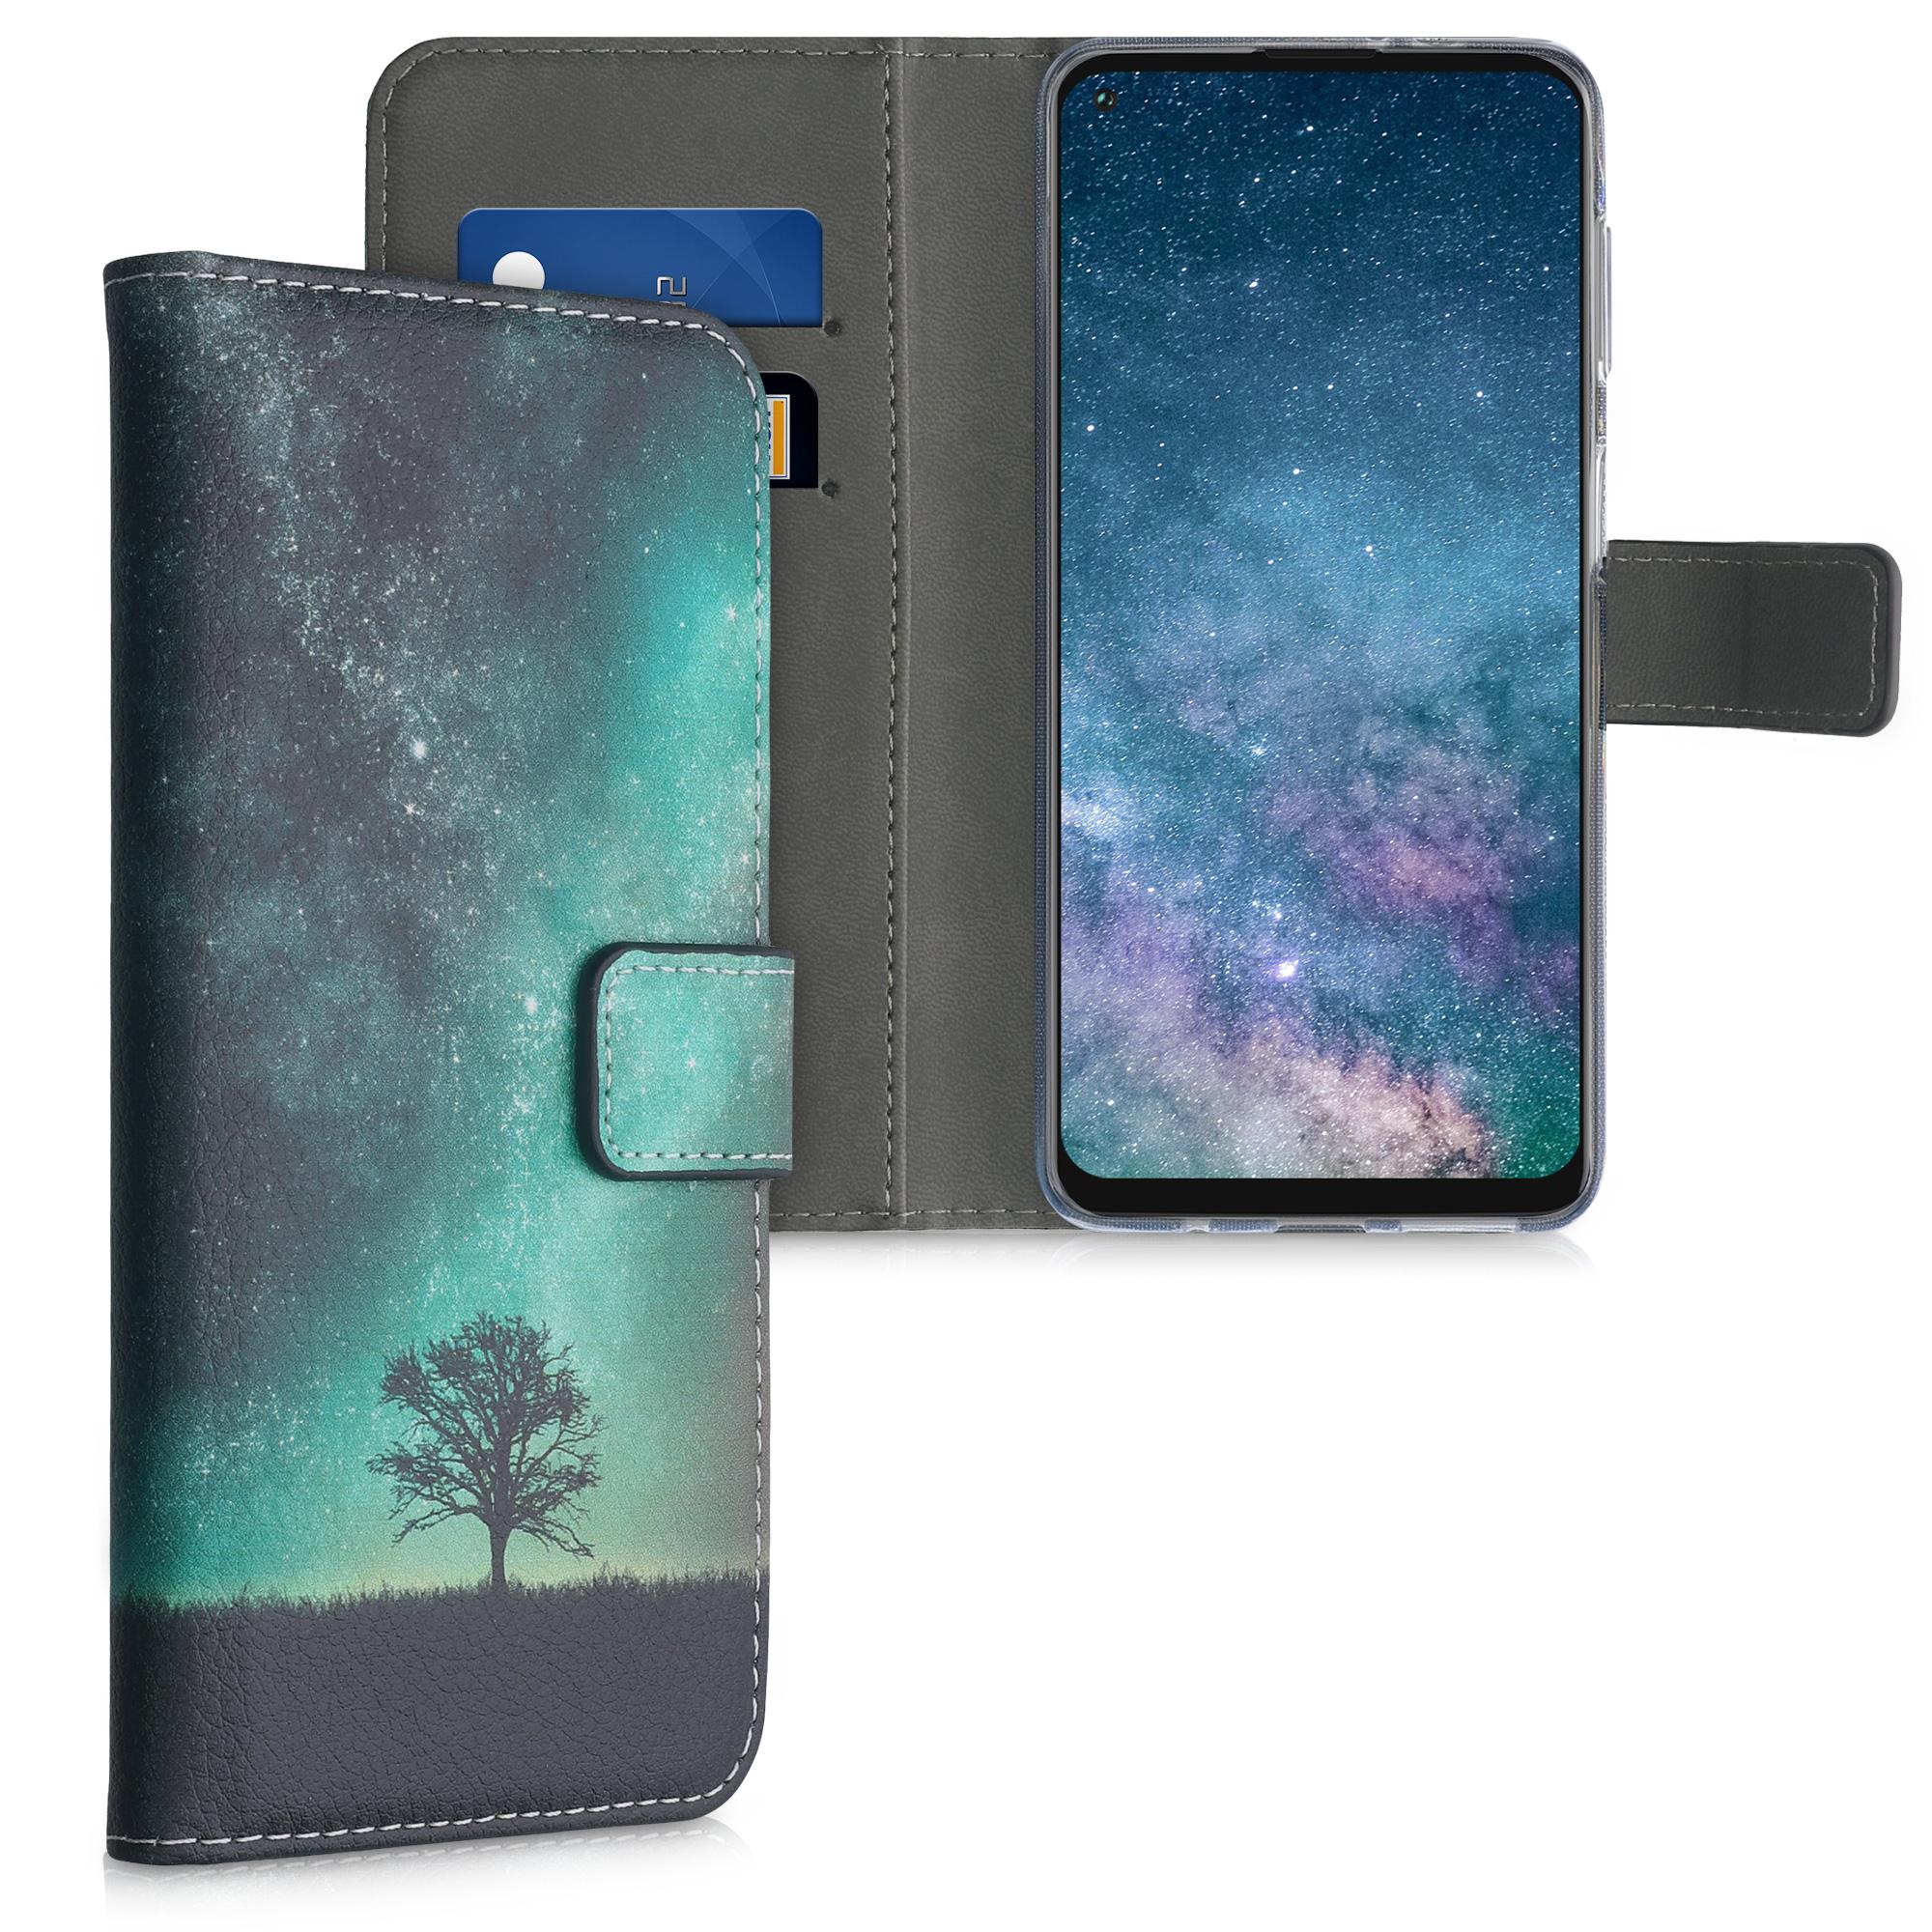 Kožené pouzdro | obal pro Motorola Moto G Power (2021) - Cosmic Nature Modrá / Šedá / Černá